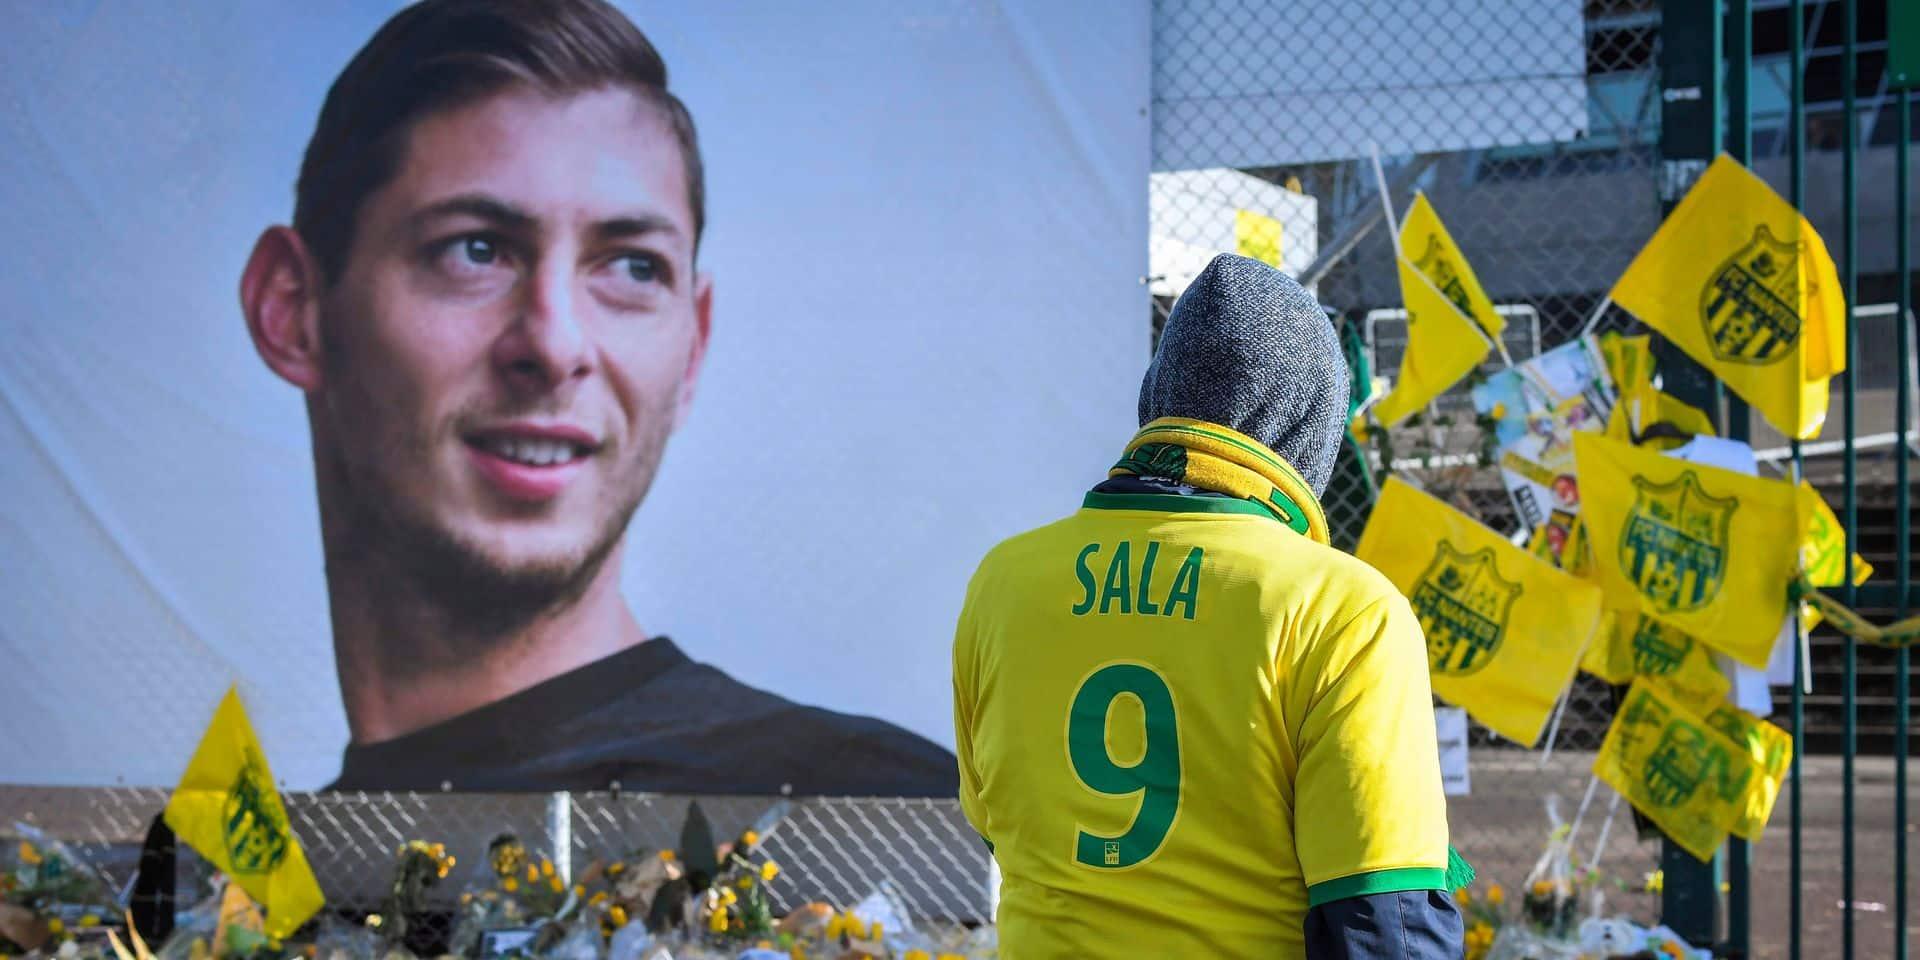 """Emiliano Sala a été """"abandonné"""" par Cardiff City et contraint d'arranger son vol lui-même"""